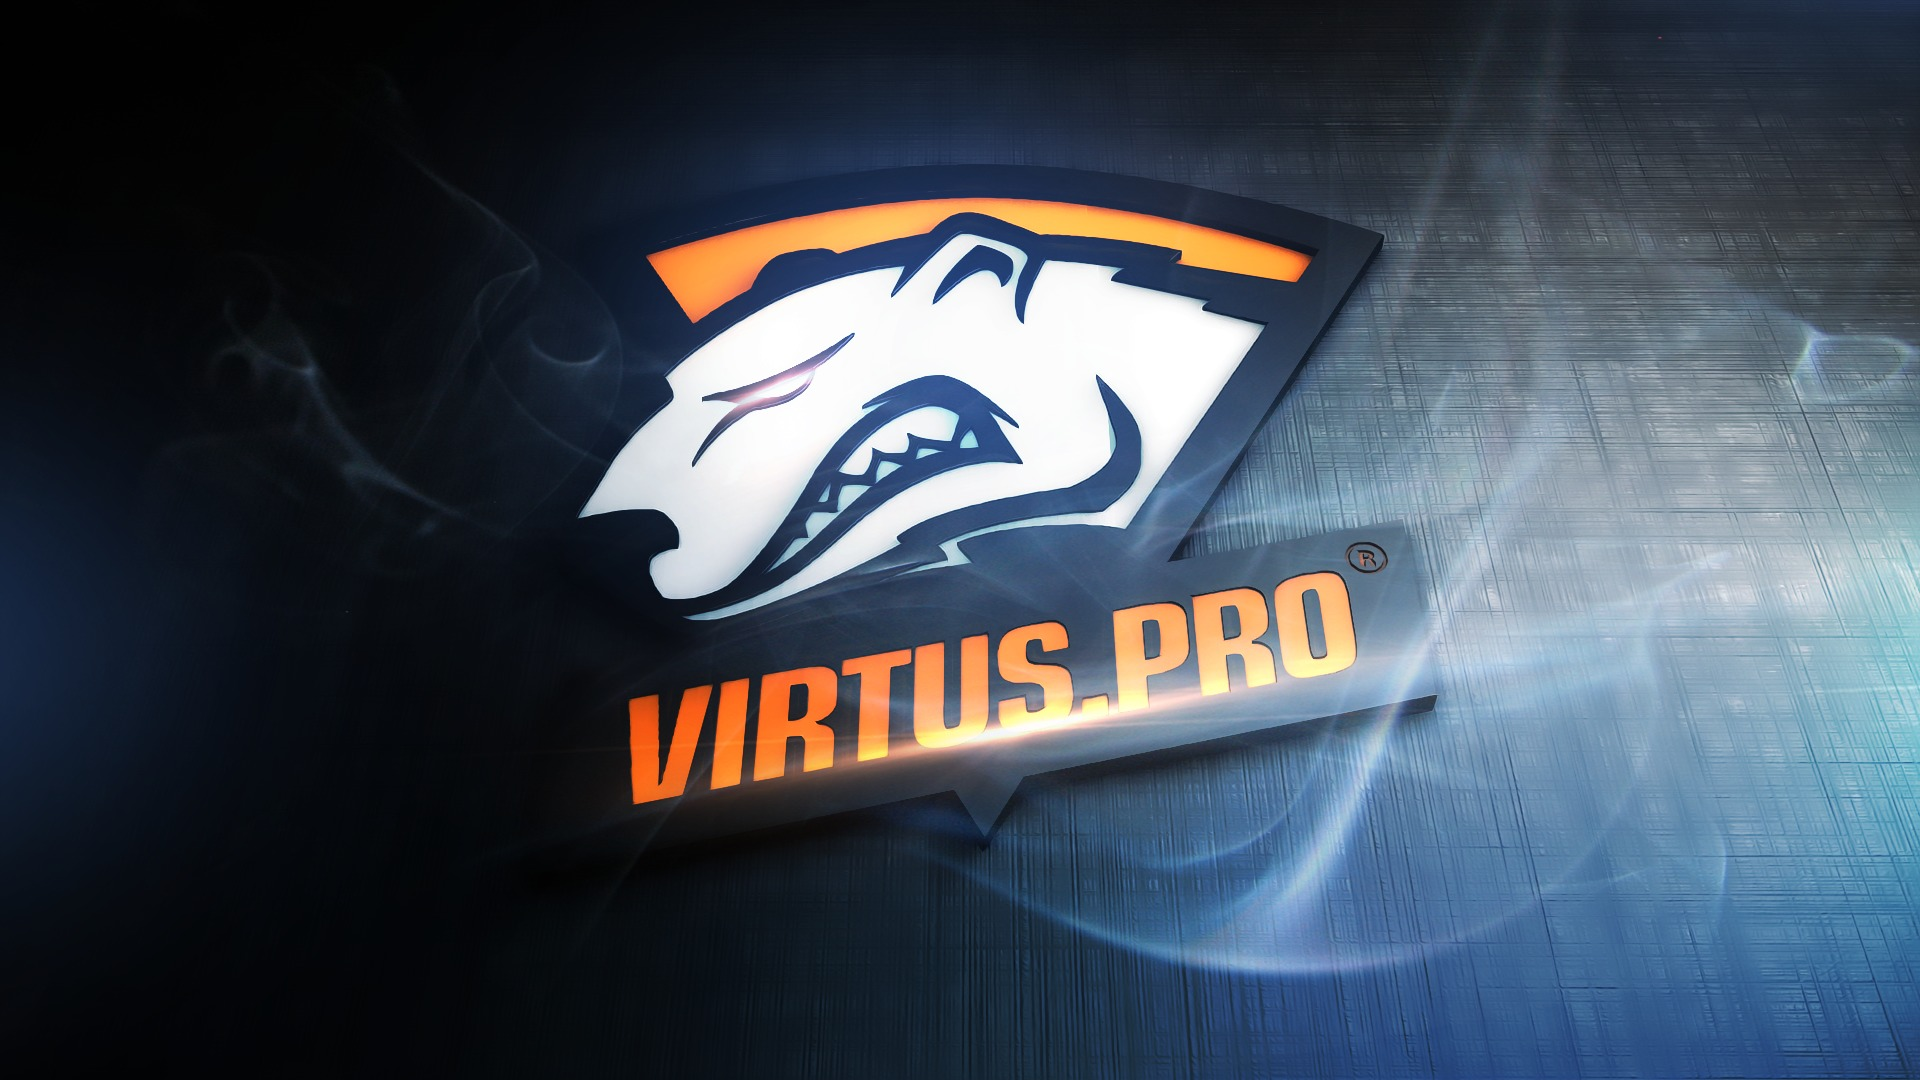 Virtus pro обои скачать